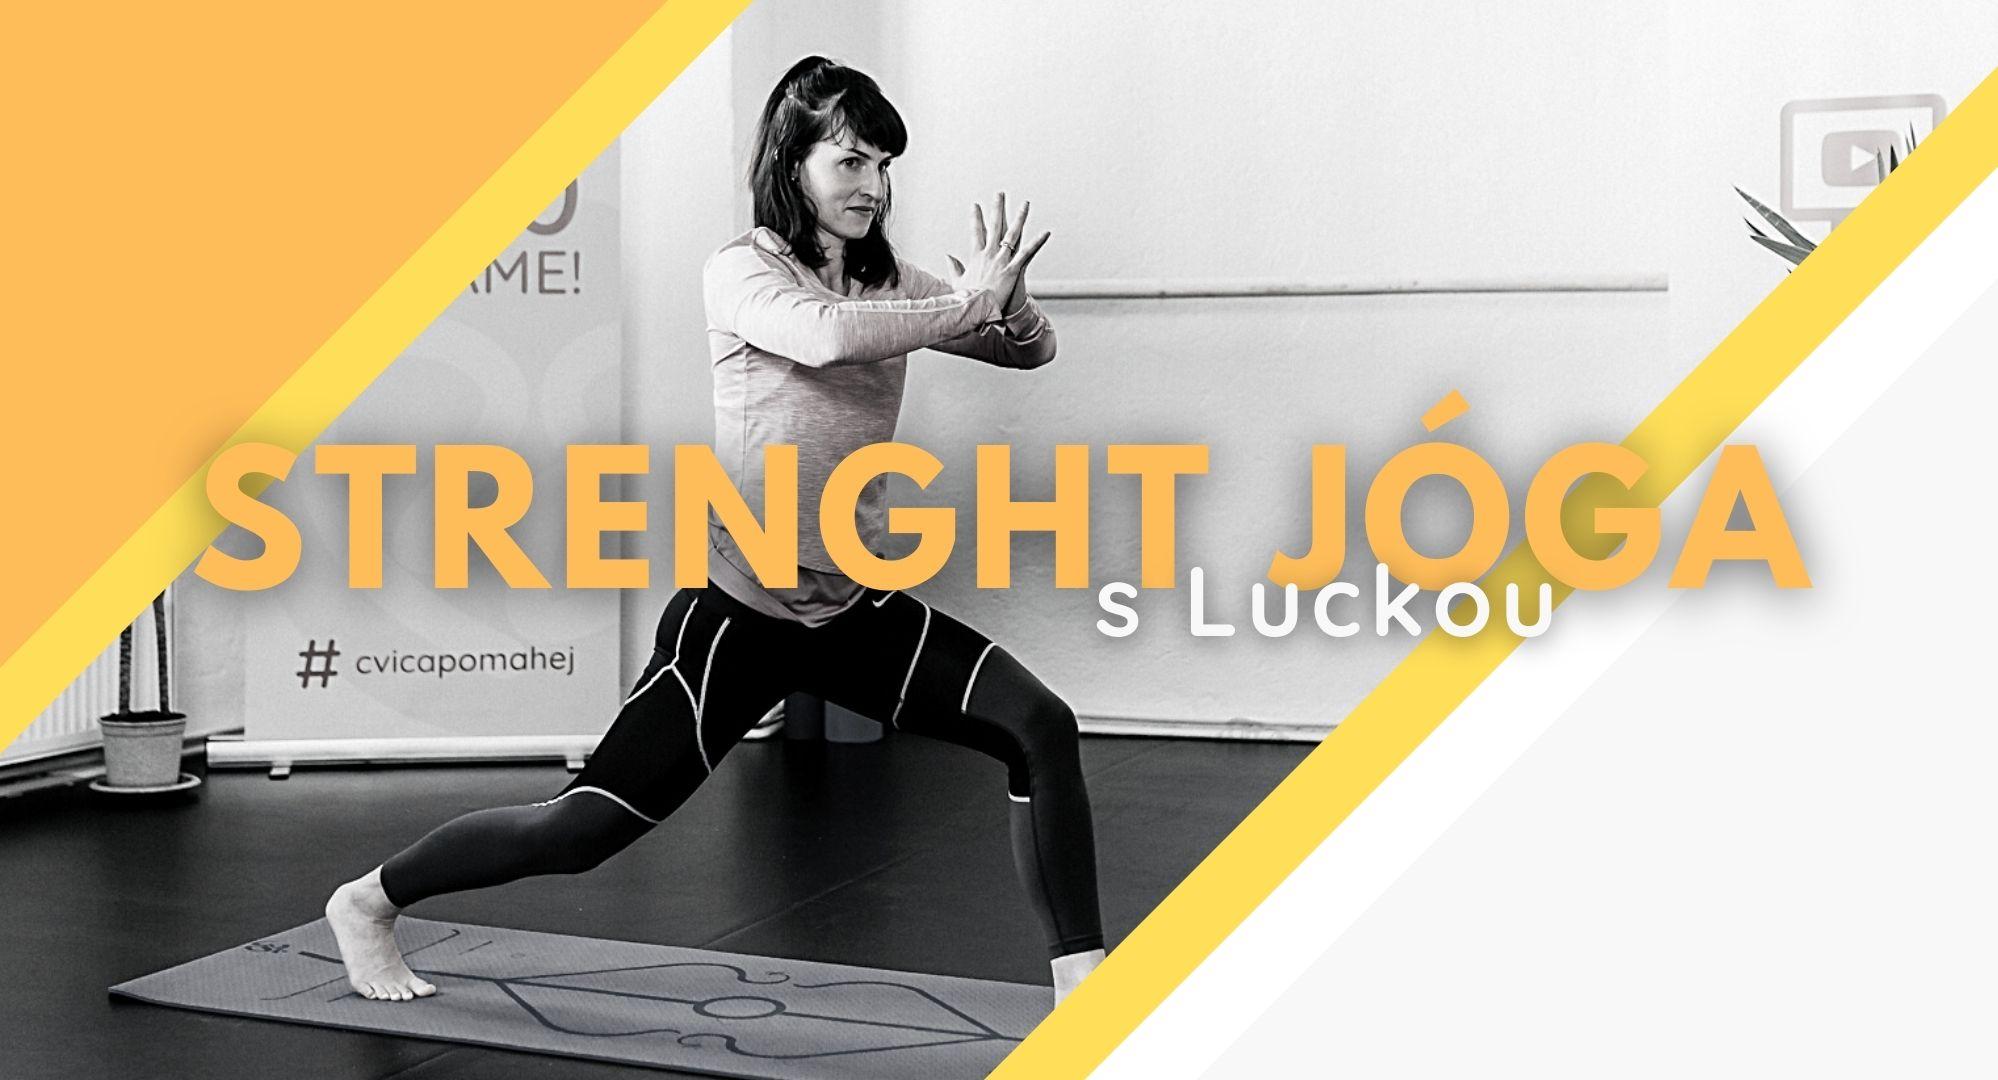 Strenght Jóga s Luckou